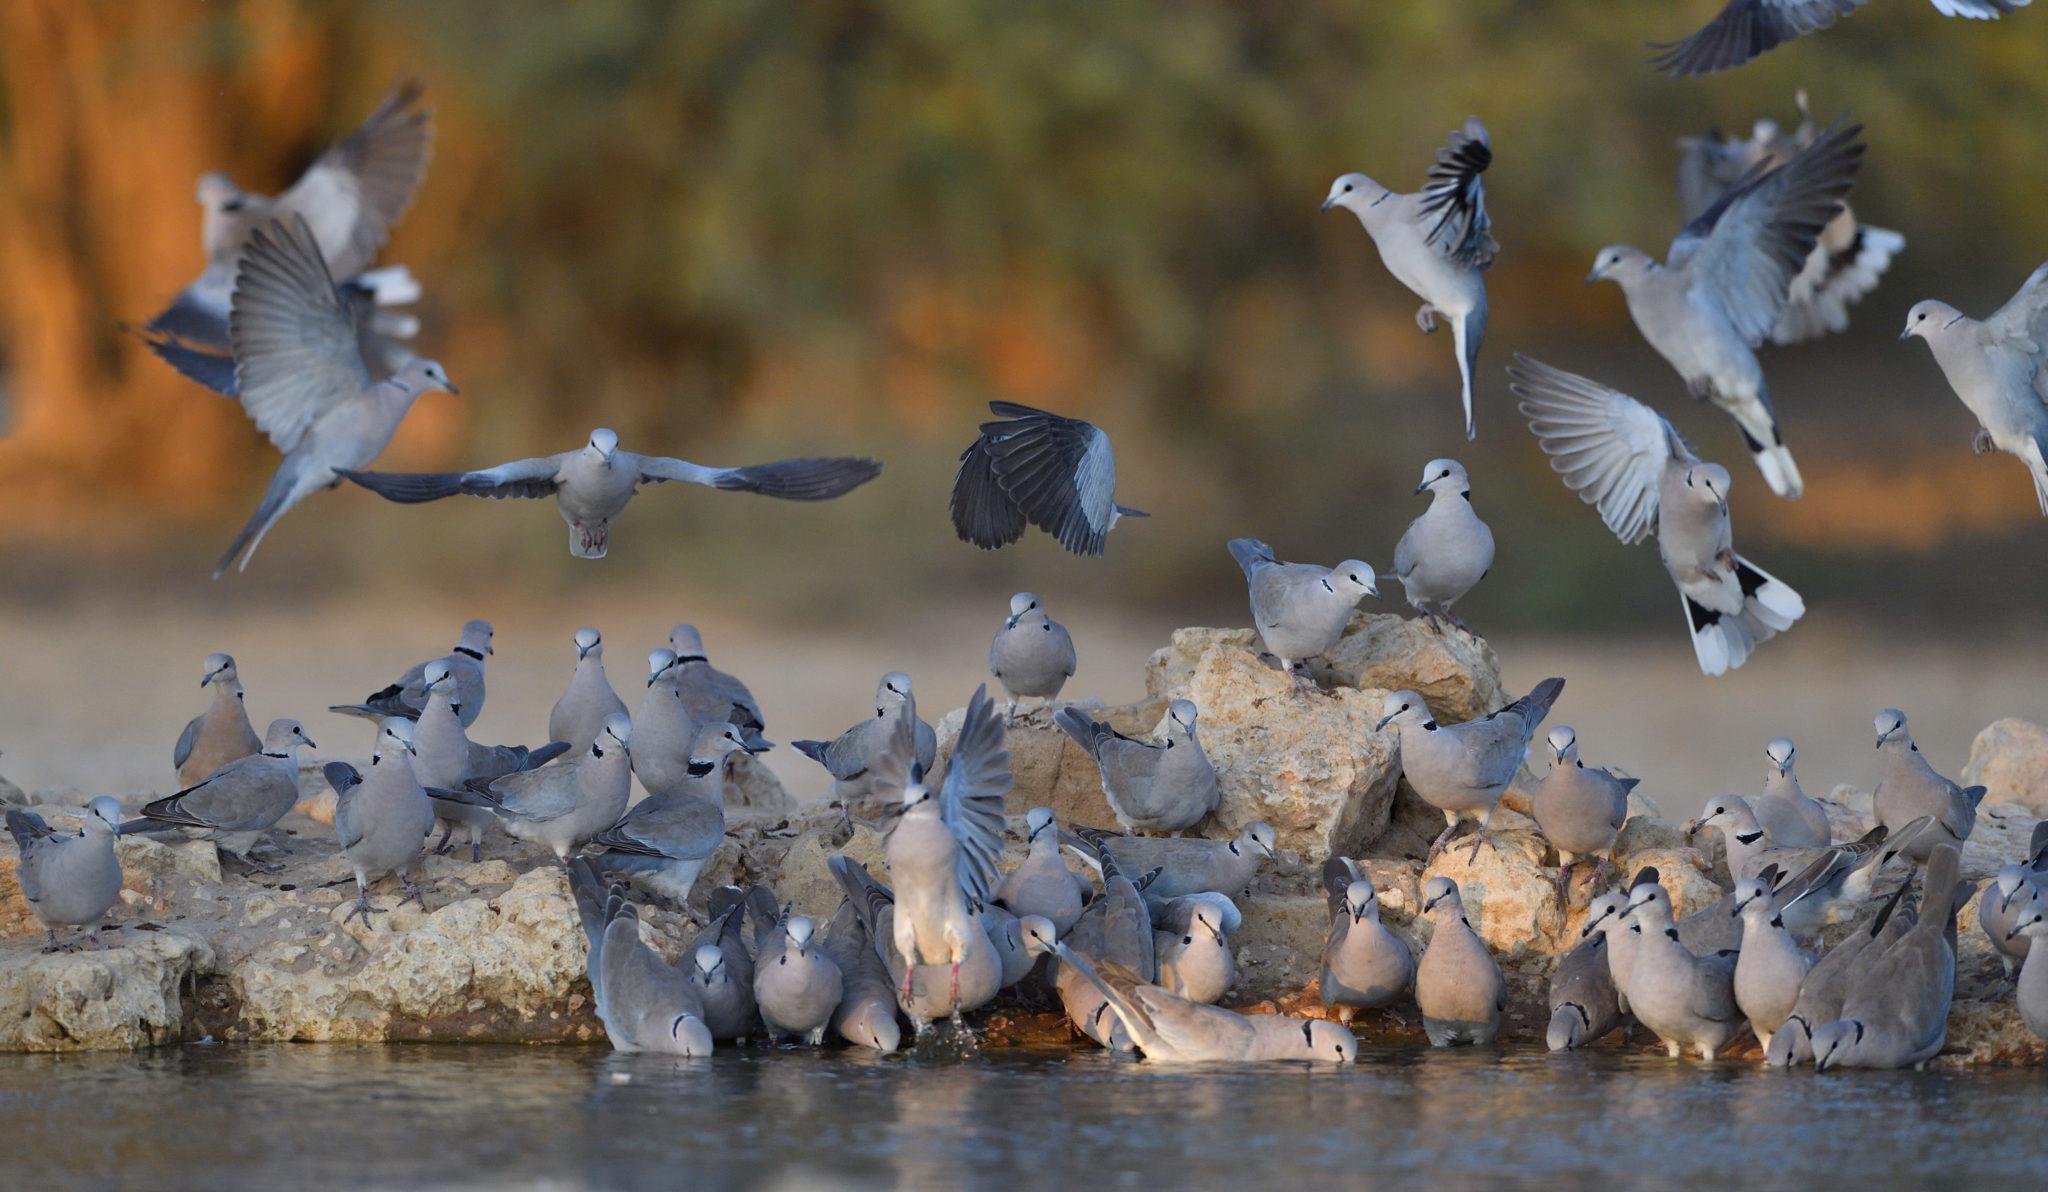 Die Tauben geniessen das Wasser am Cubitje Quap